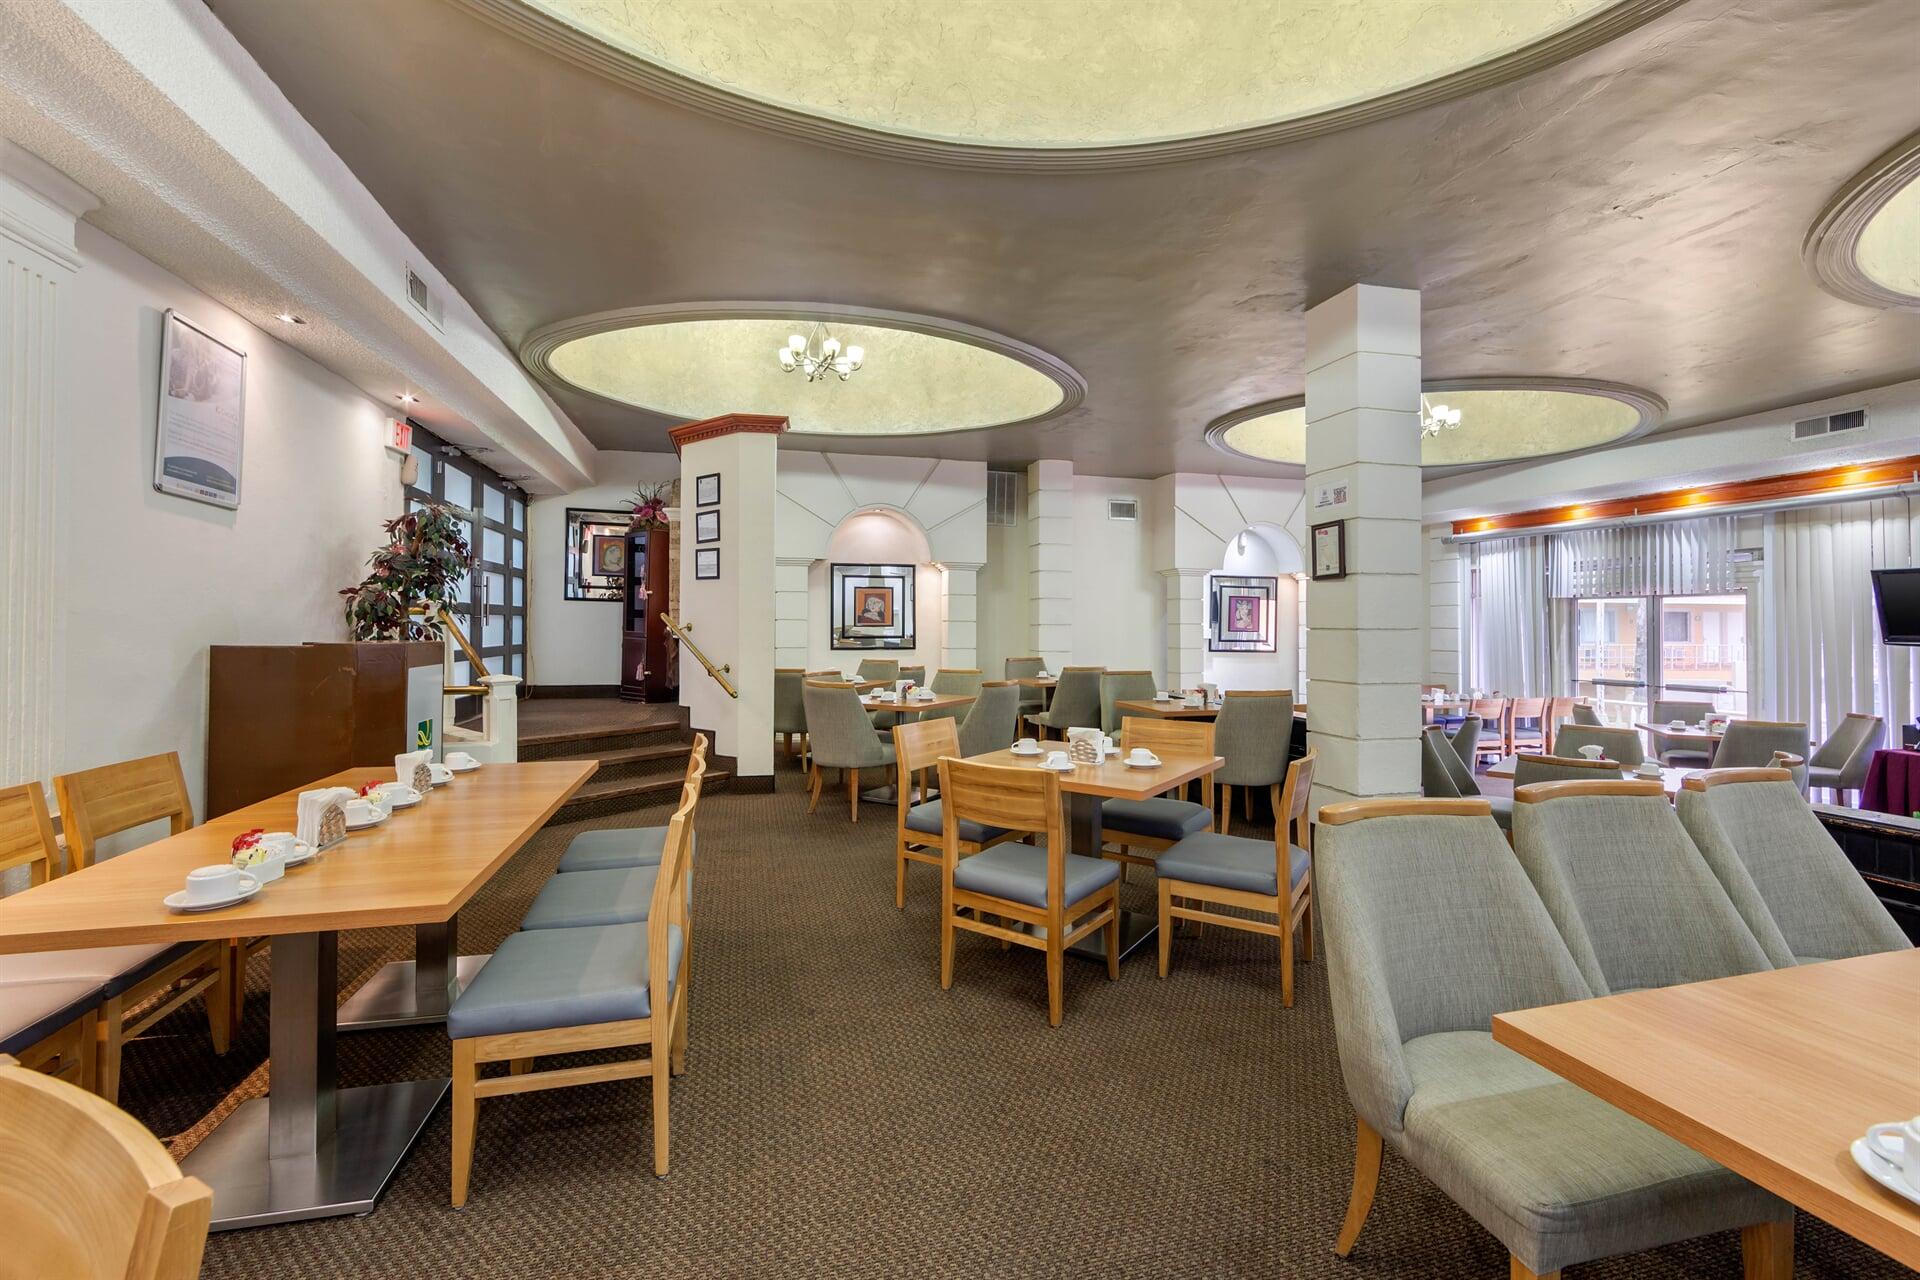 QUALITY INN- espacios y salones ideales para fiestas